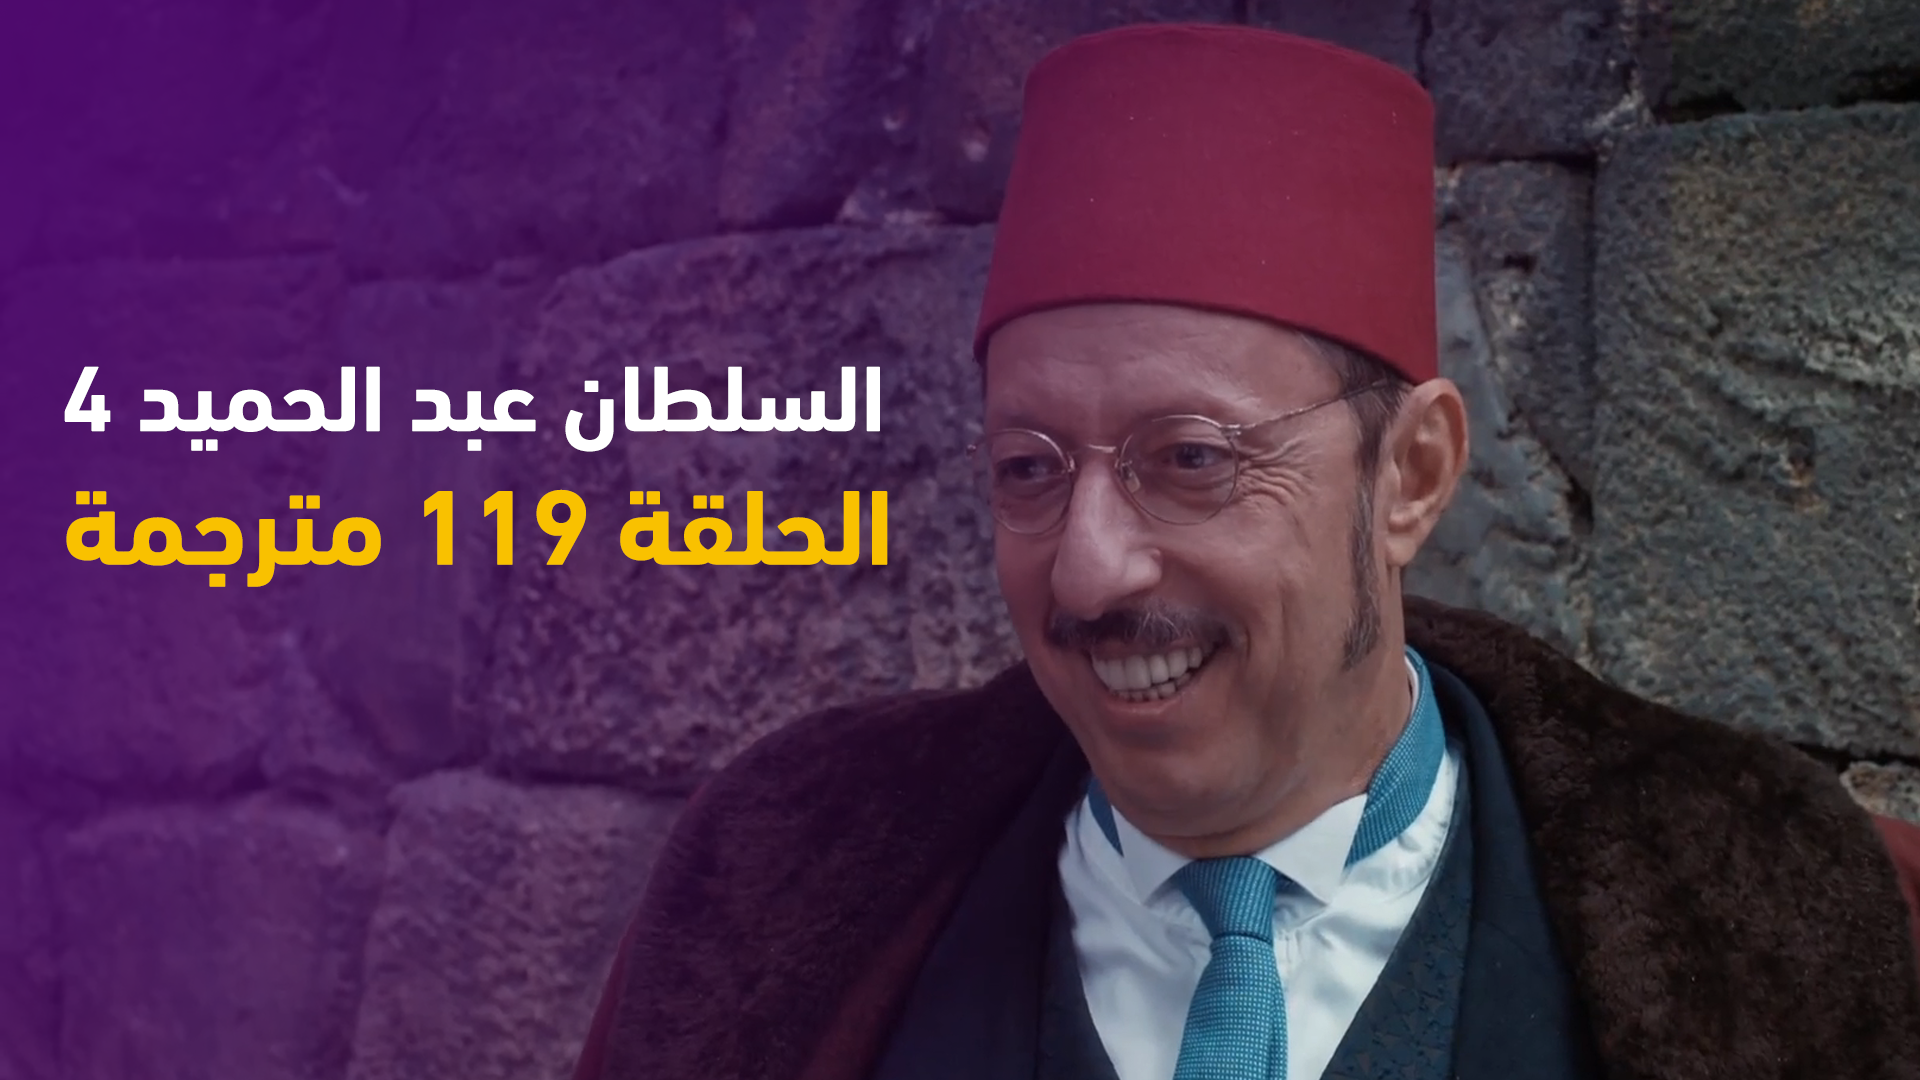 السلطان عبد الحميد 4 | الحلقة 31